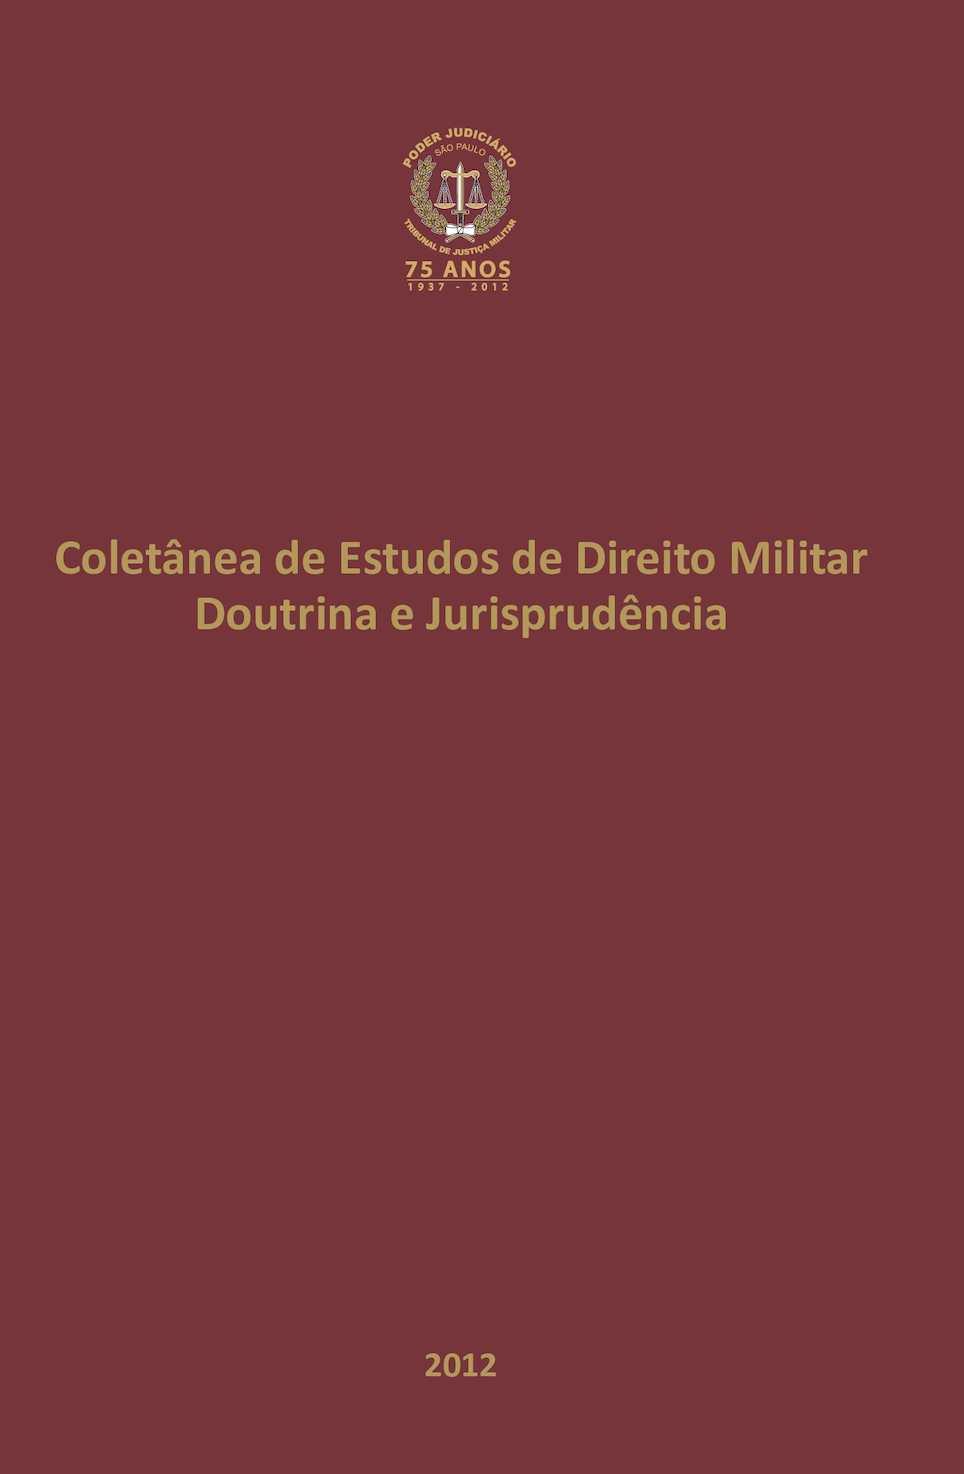 Calaméo - Coletanea